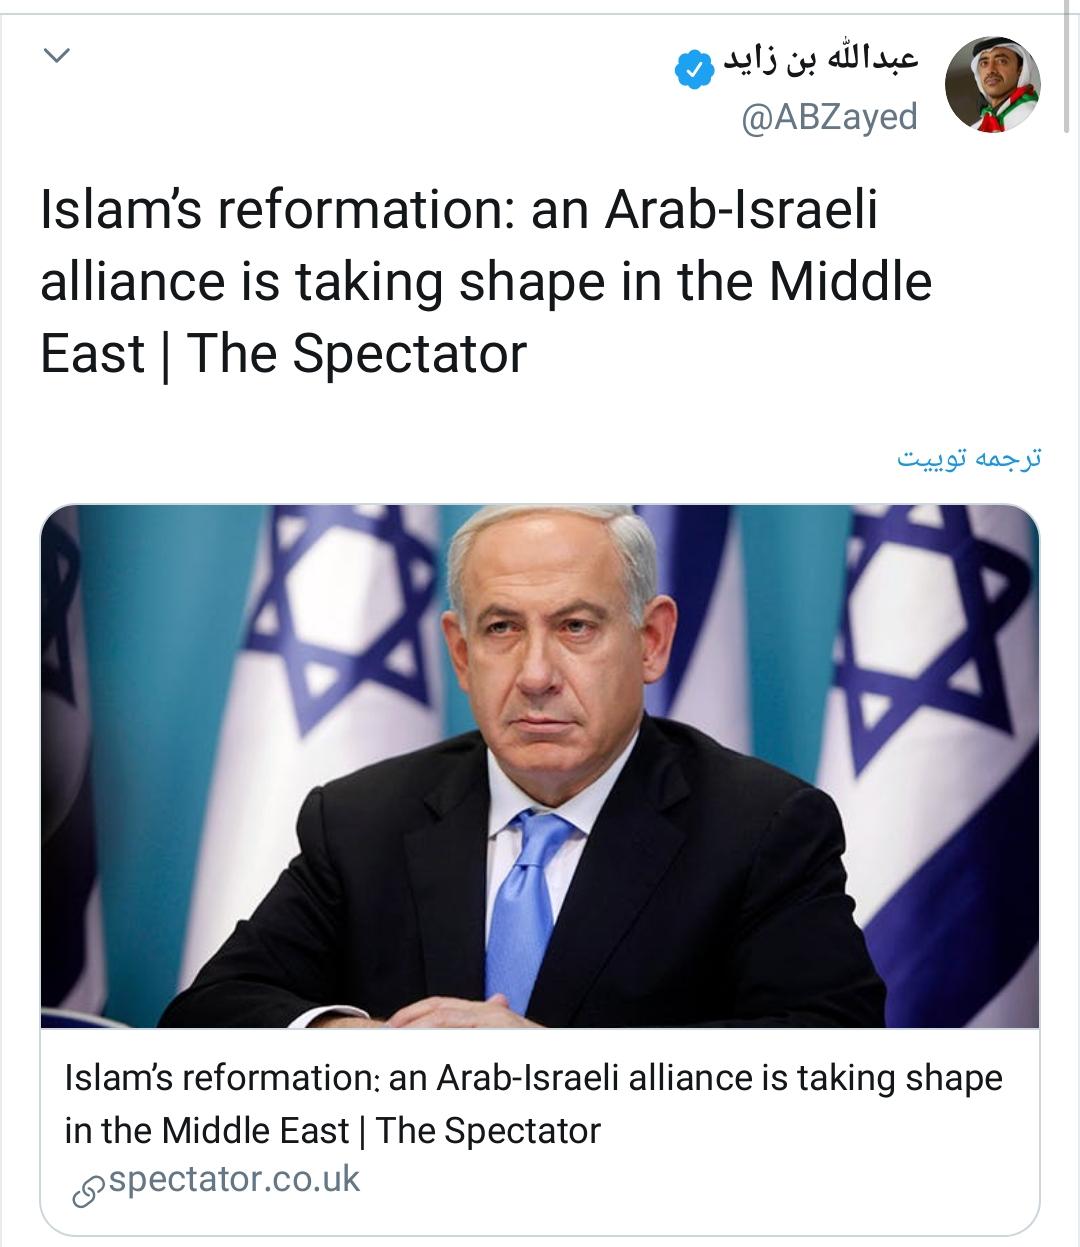 توئیت عبدالله بن زاید مبنی بر اتحاد اعراب و اسرائیل به نام اصلاحات اسلامی